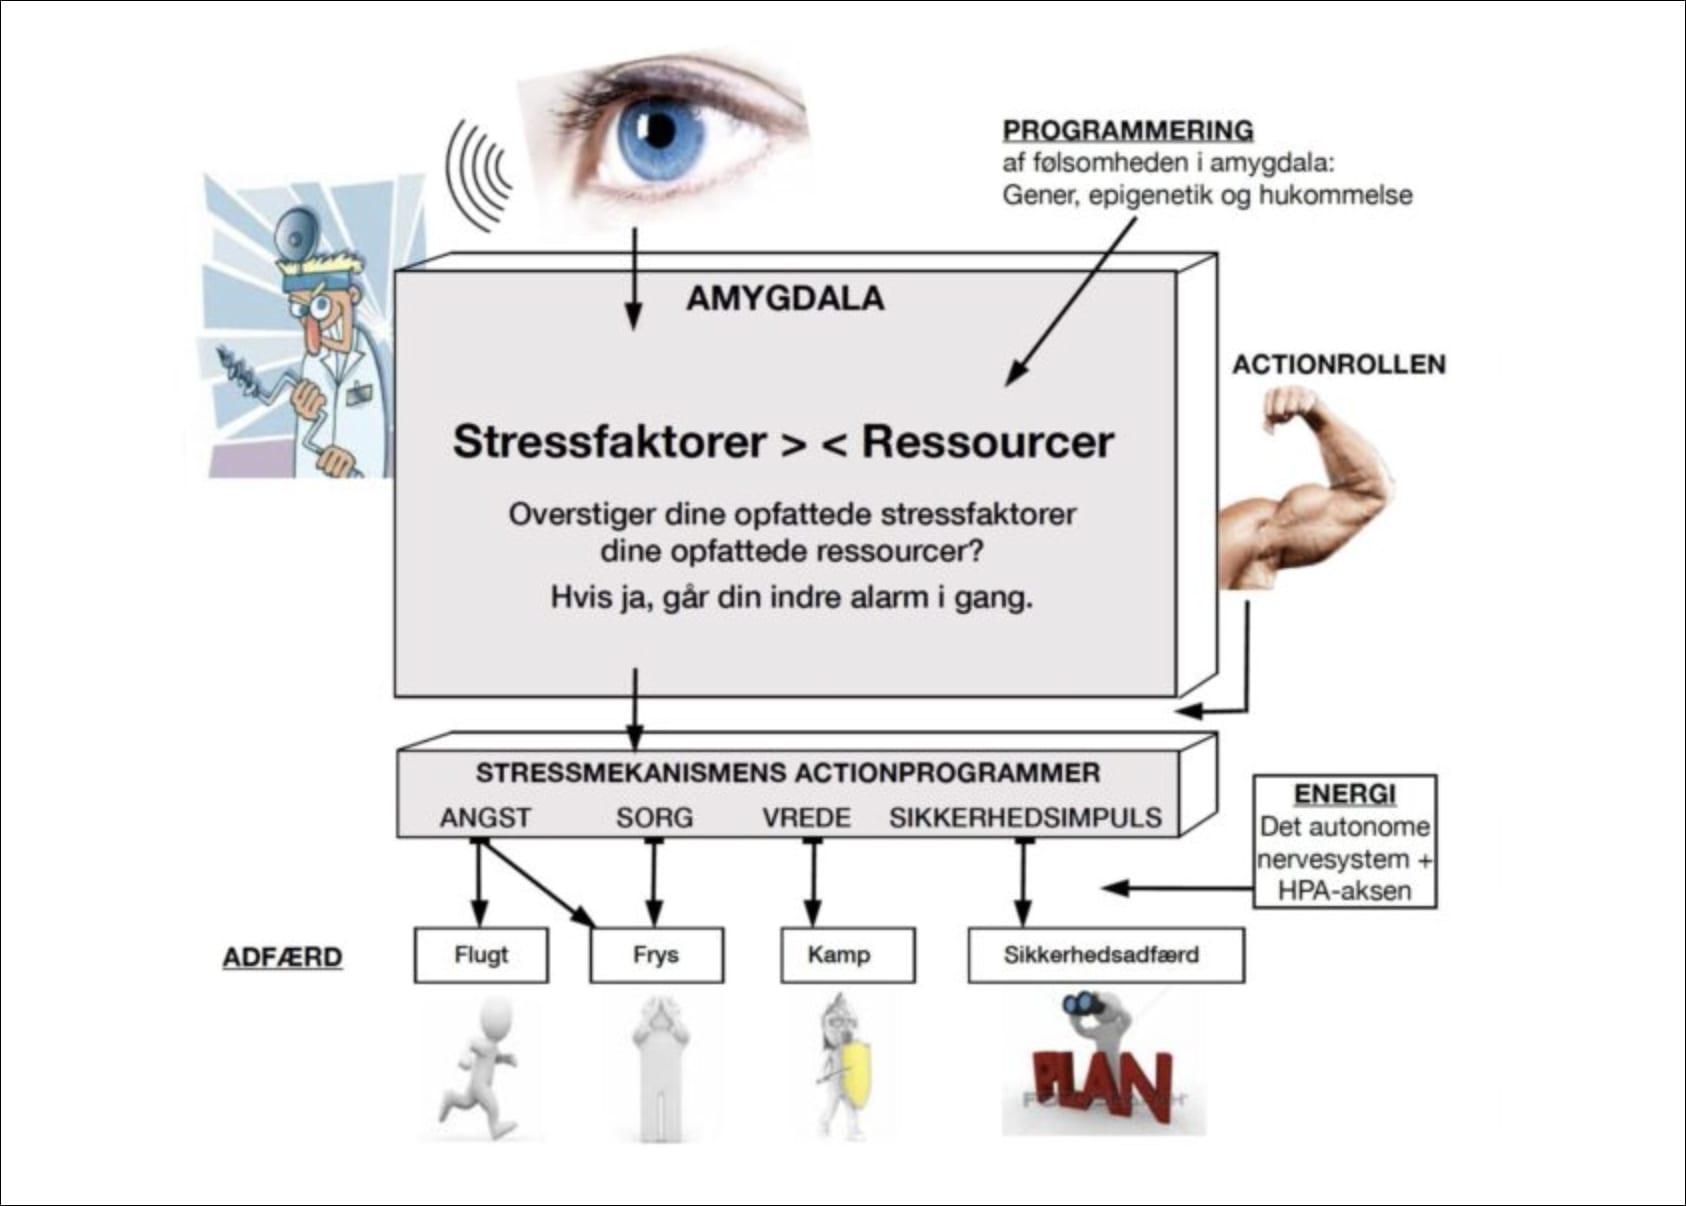 Din-stresssmekanisme-fungerer-som-en-husalarm